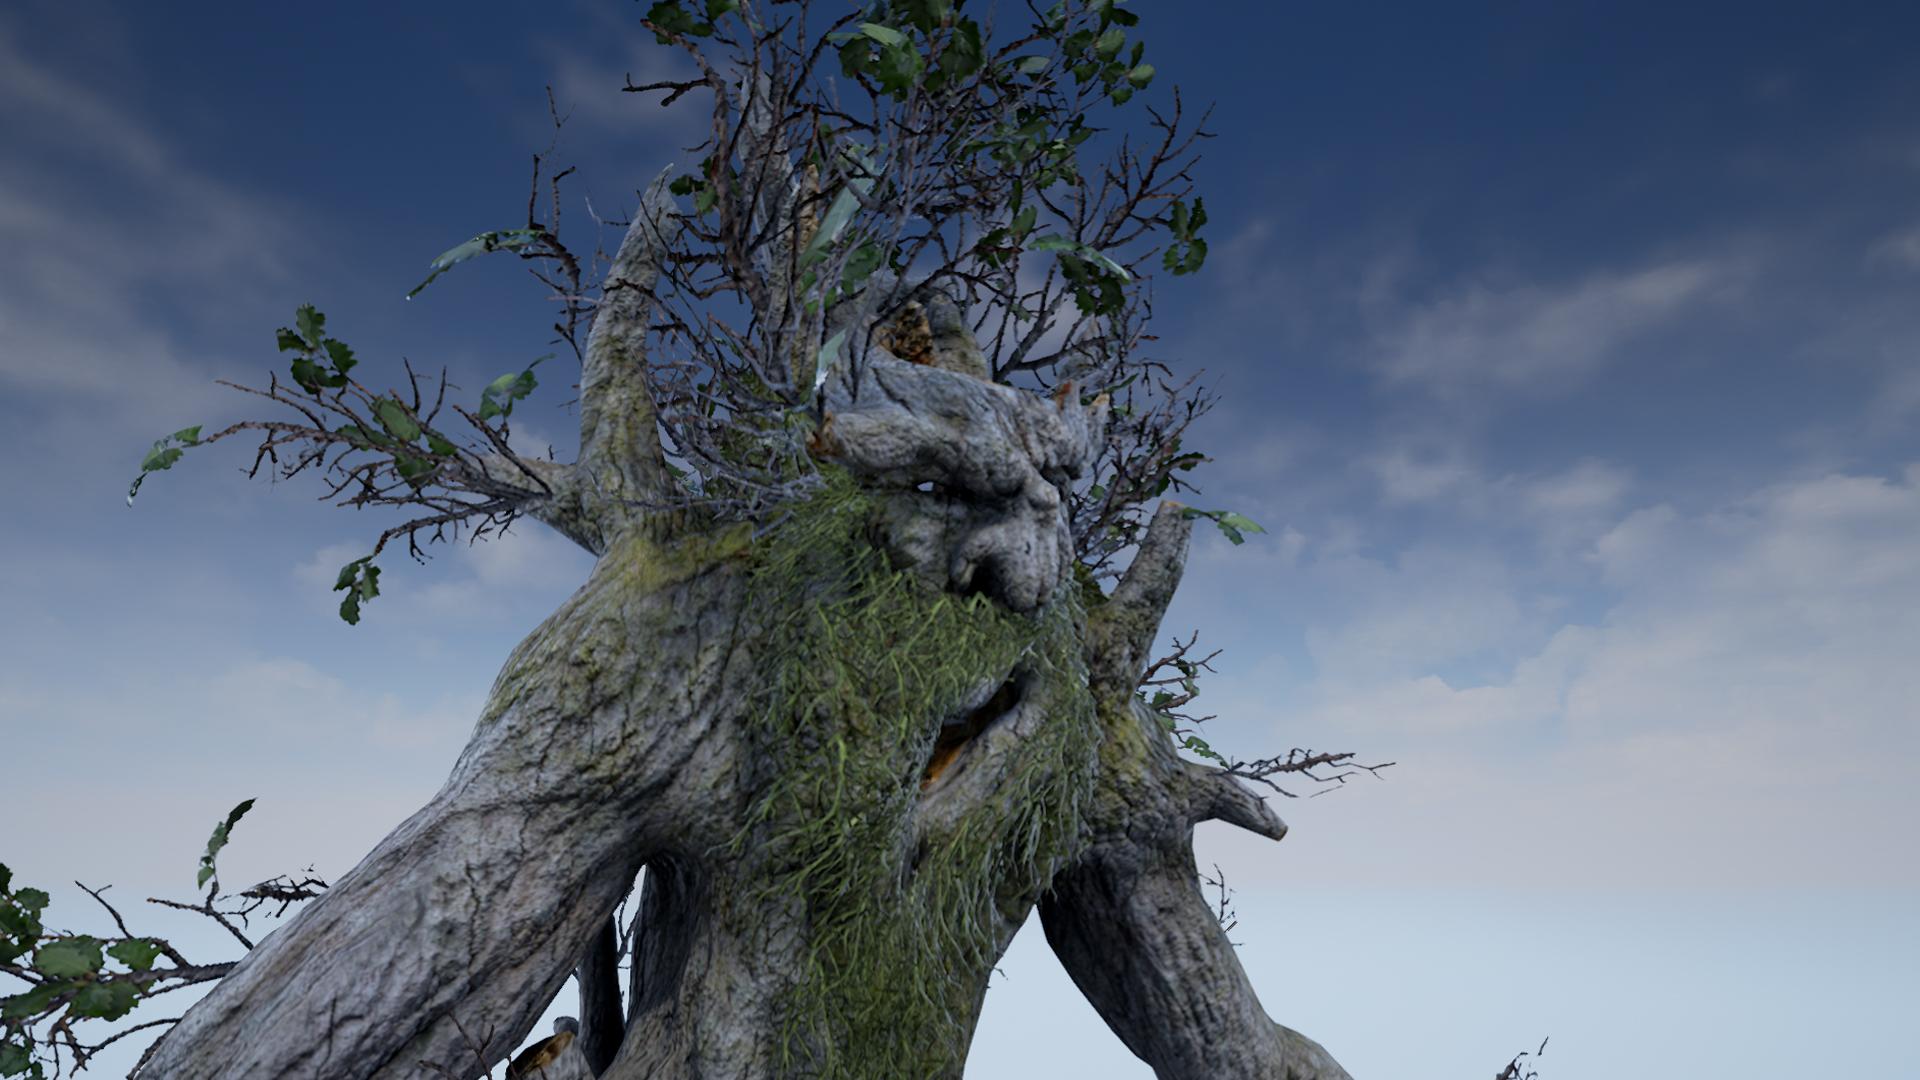 OAK TREE ENT PROTOFACTOR